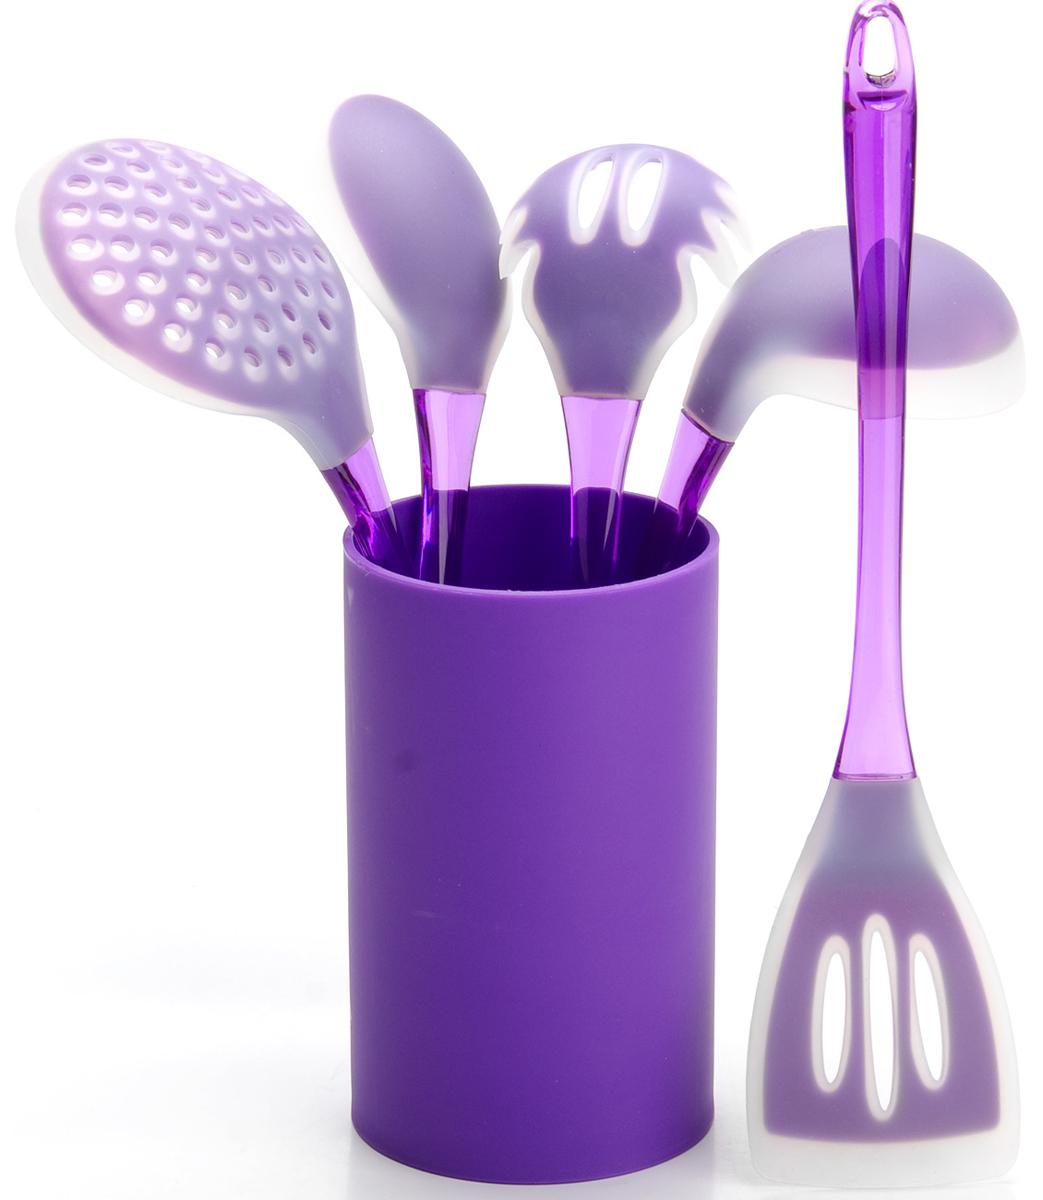 Набор половников Mayer & Boch, цвет: фиолетовый. 22487-222487-2Набор кухонных принадлежностей Mayer & Boch включает в себя ложку для спагетти, лопатку с прорезями, ложку для помешивания, шумовку, половник и подставку. Приборы изготовлены из цветного полистирола и силикона, отличаются высокой износоустойчивостью и надежностью, не окисляются со временем и не портят вкус продуктов, кроме того, они абсолютно безопасны для любых антипригарных покрытий. Входящая в набор удобная высокая подставка для хранения предметов набора поможет сэкономить место на рабочем столе. Набор упакован в красивую прозрачную упаковку с ручкой.